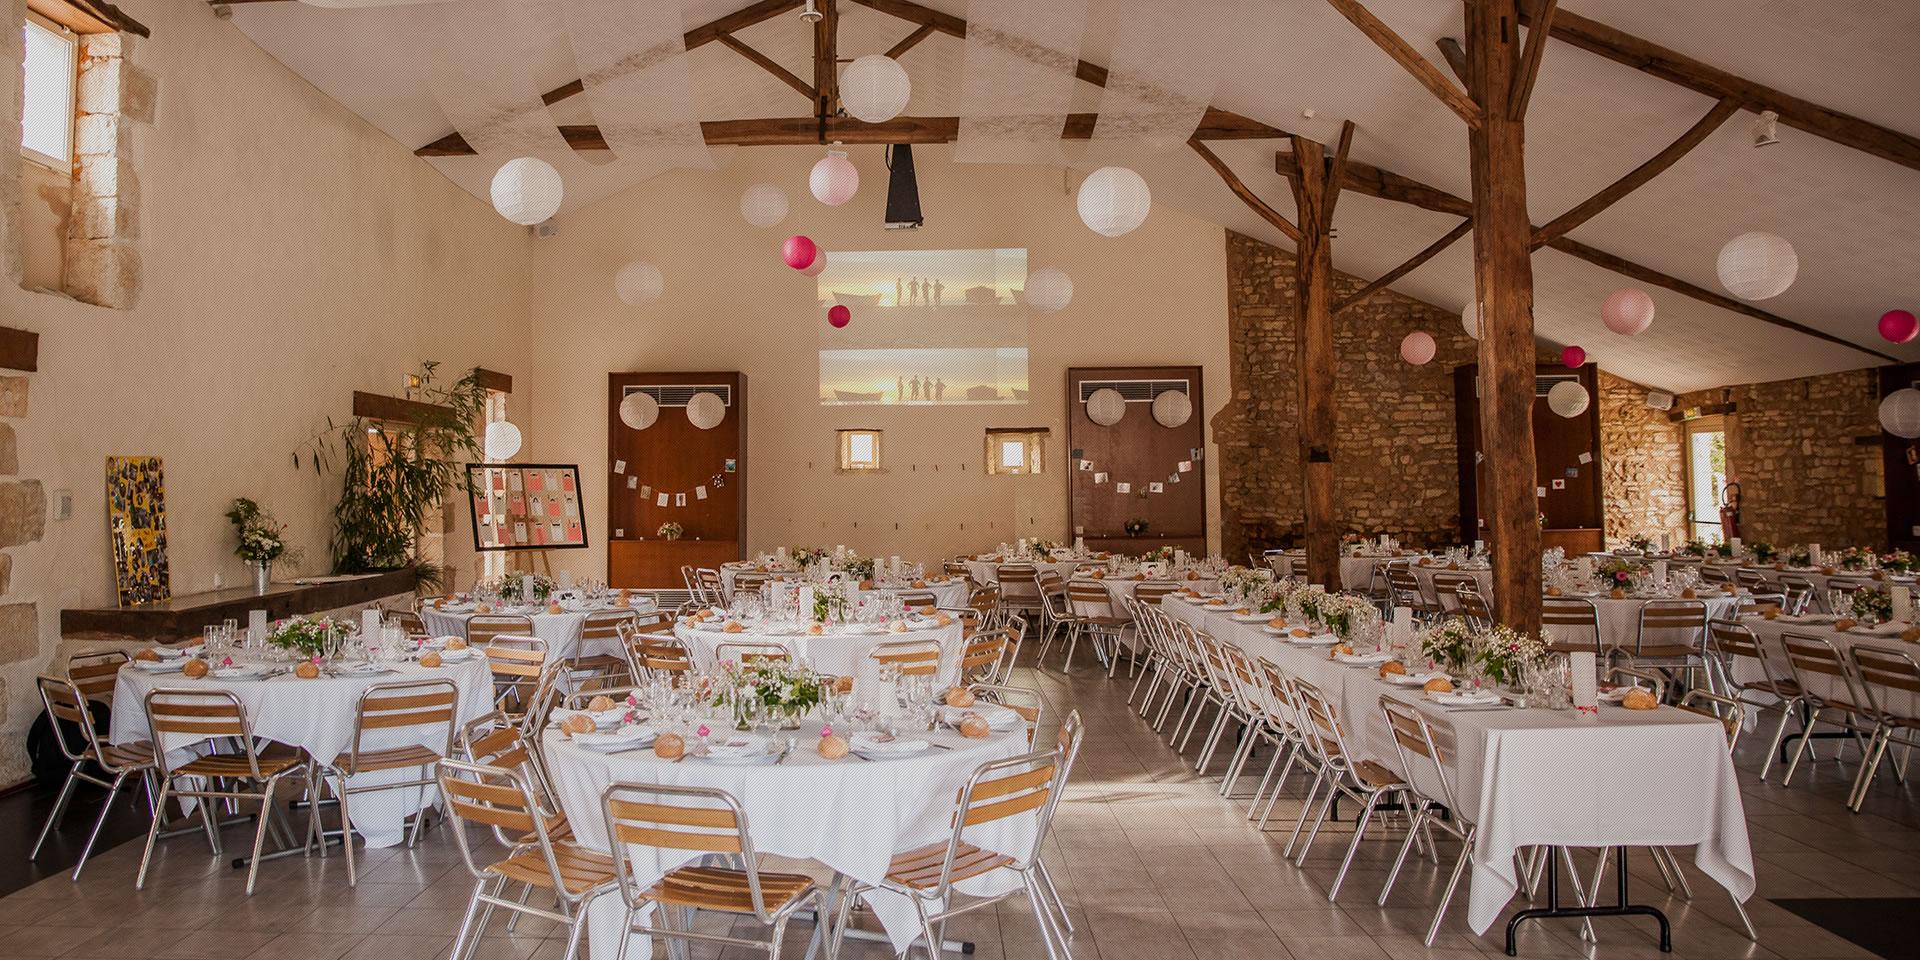 Location Salle De Mariage En Poitou Charentes 79 Et 86 Deux